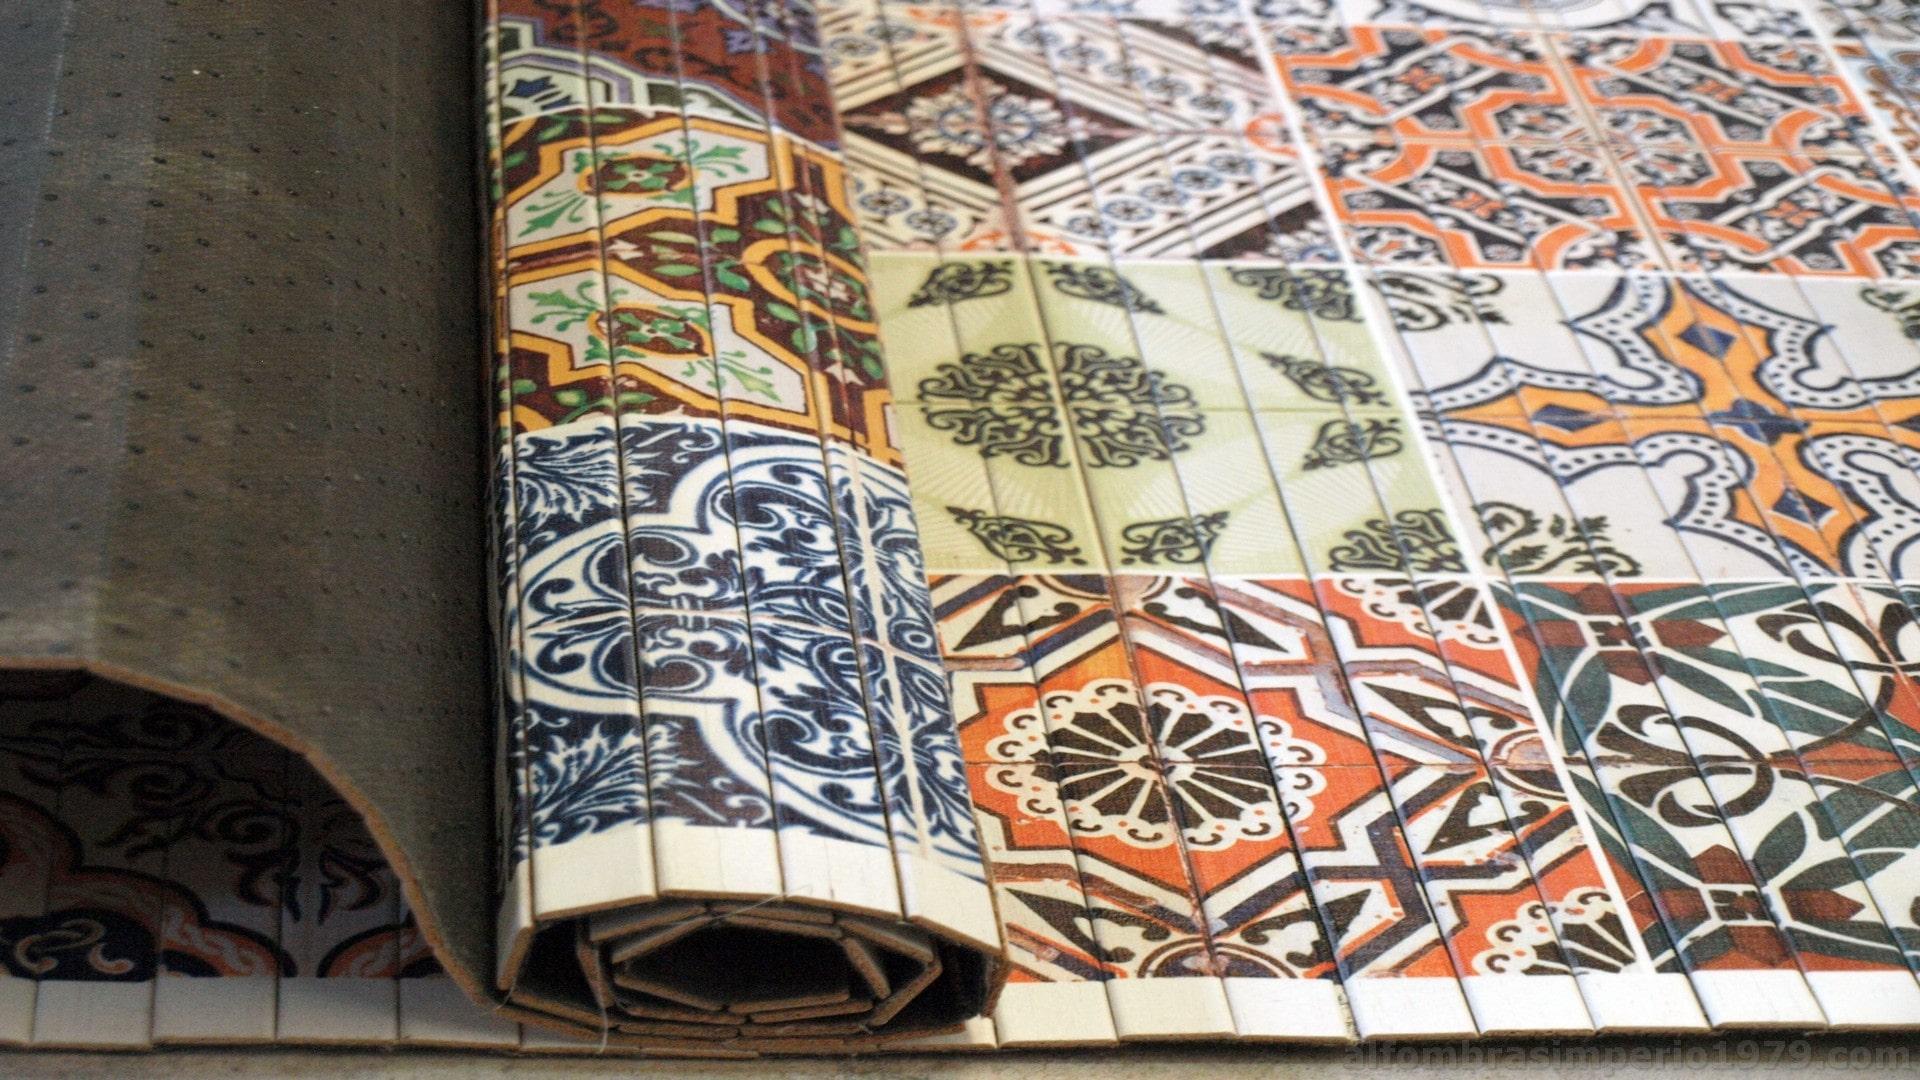 Alfombras bambu a medida good bambu cenefas de piel sinttica west with alfombras bambu a medida - Alfombras yute a medida ...